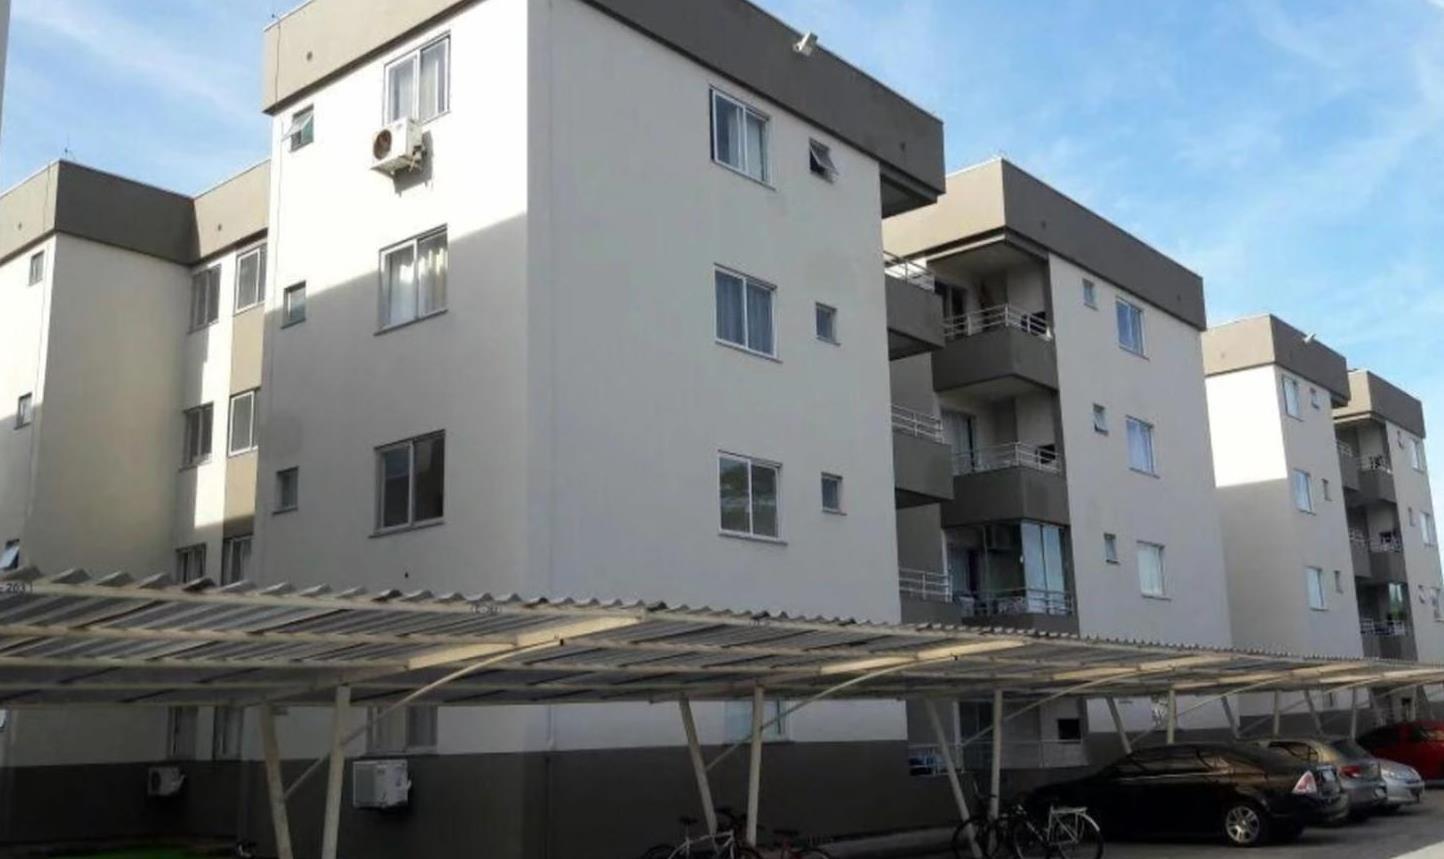 Criança de 4 anos cai da janela do 3º andar de prédio, em Itajaí